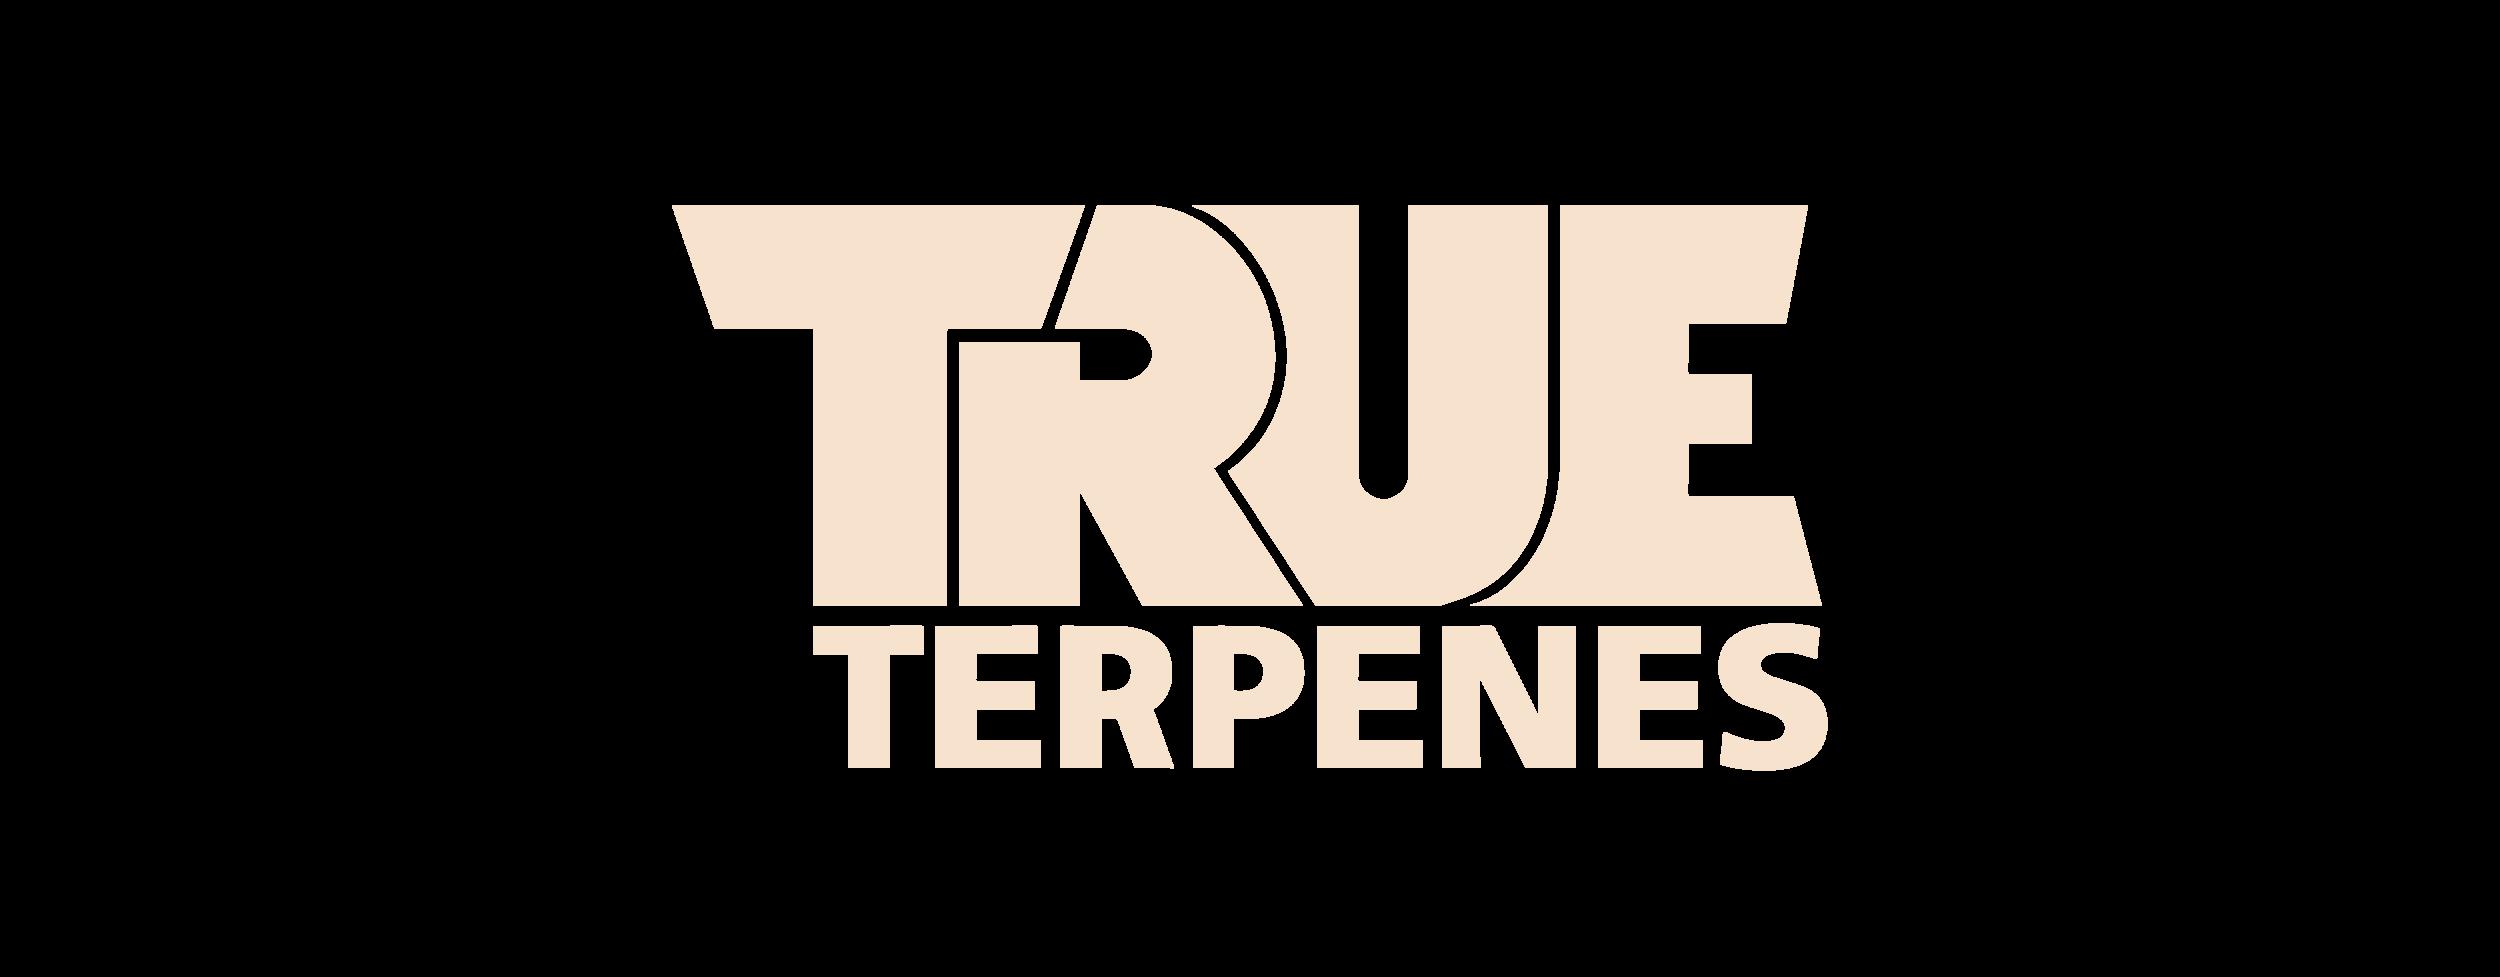 Sponsor_Logos_Pink-TrueTerpenes.png